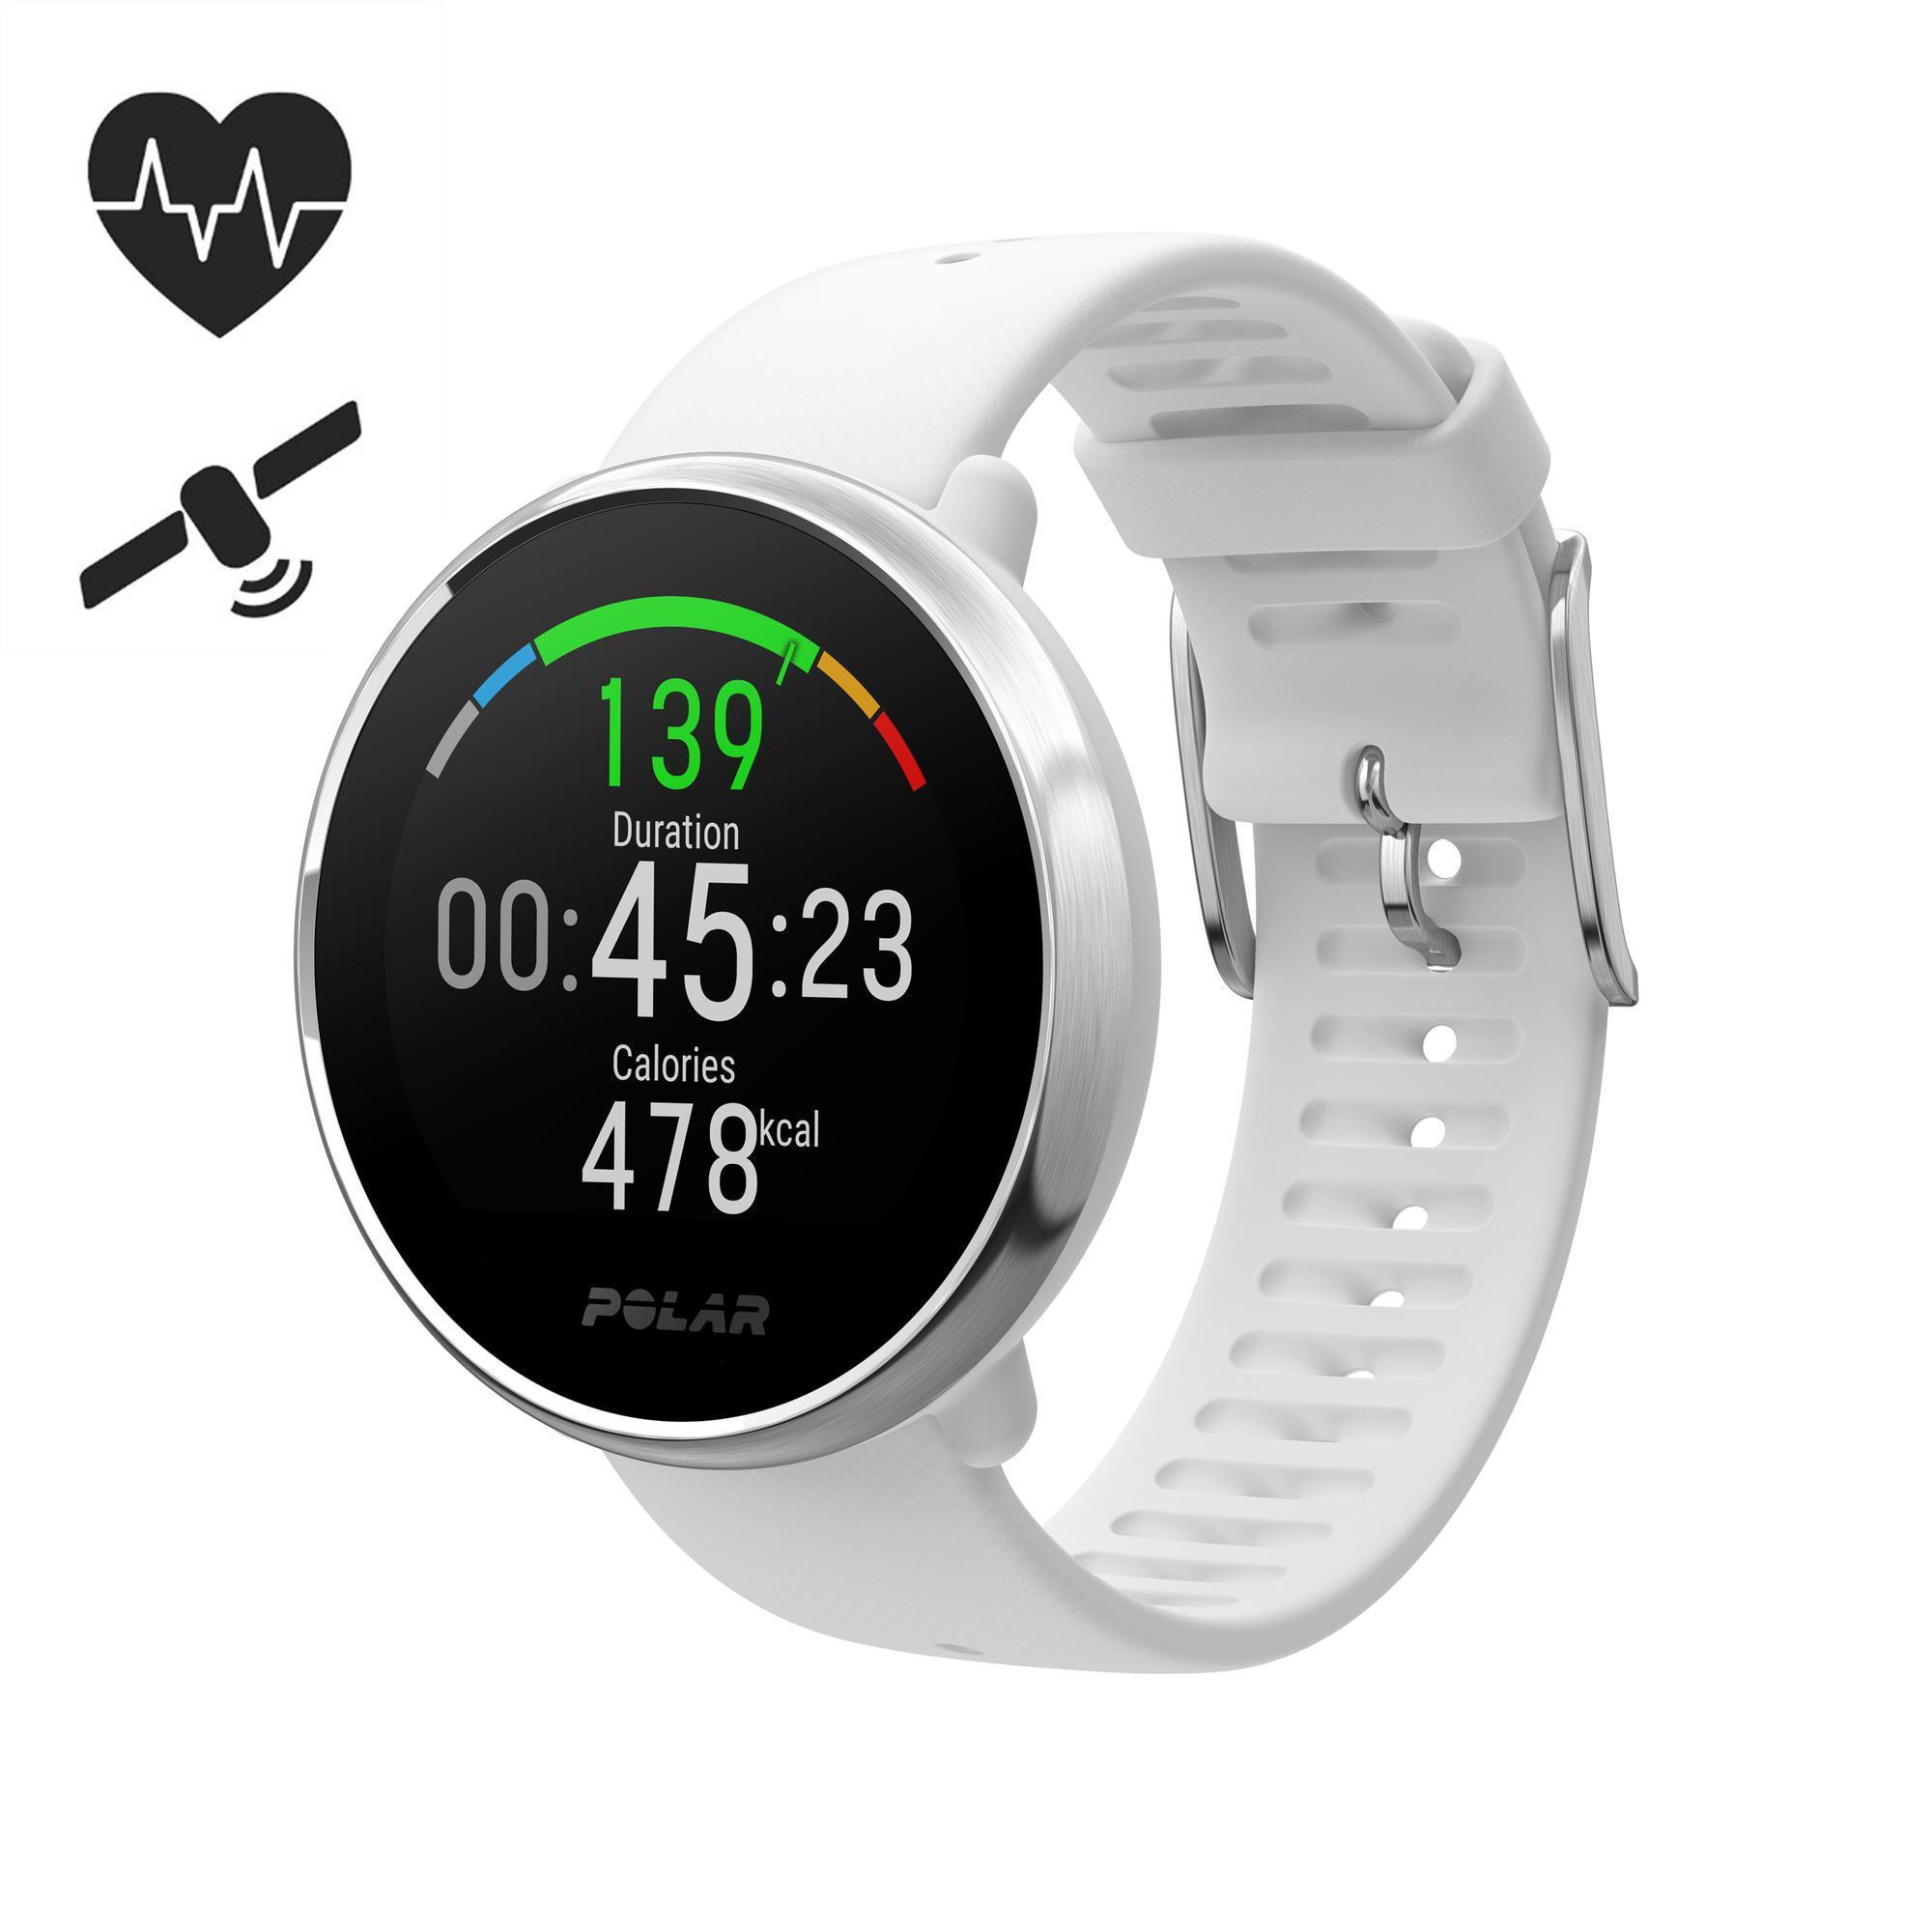 sur des coups de pieds de mieux nouveau design Montre GPS avec cardio au poignet IGNITE blanche